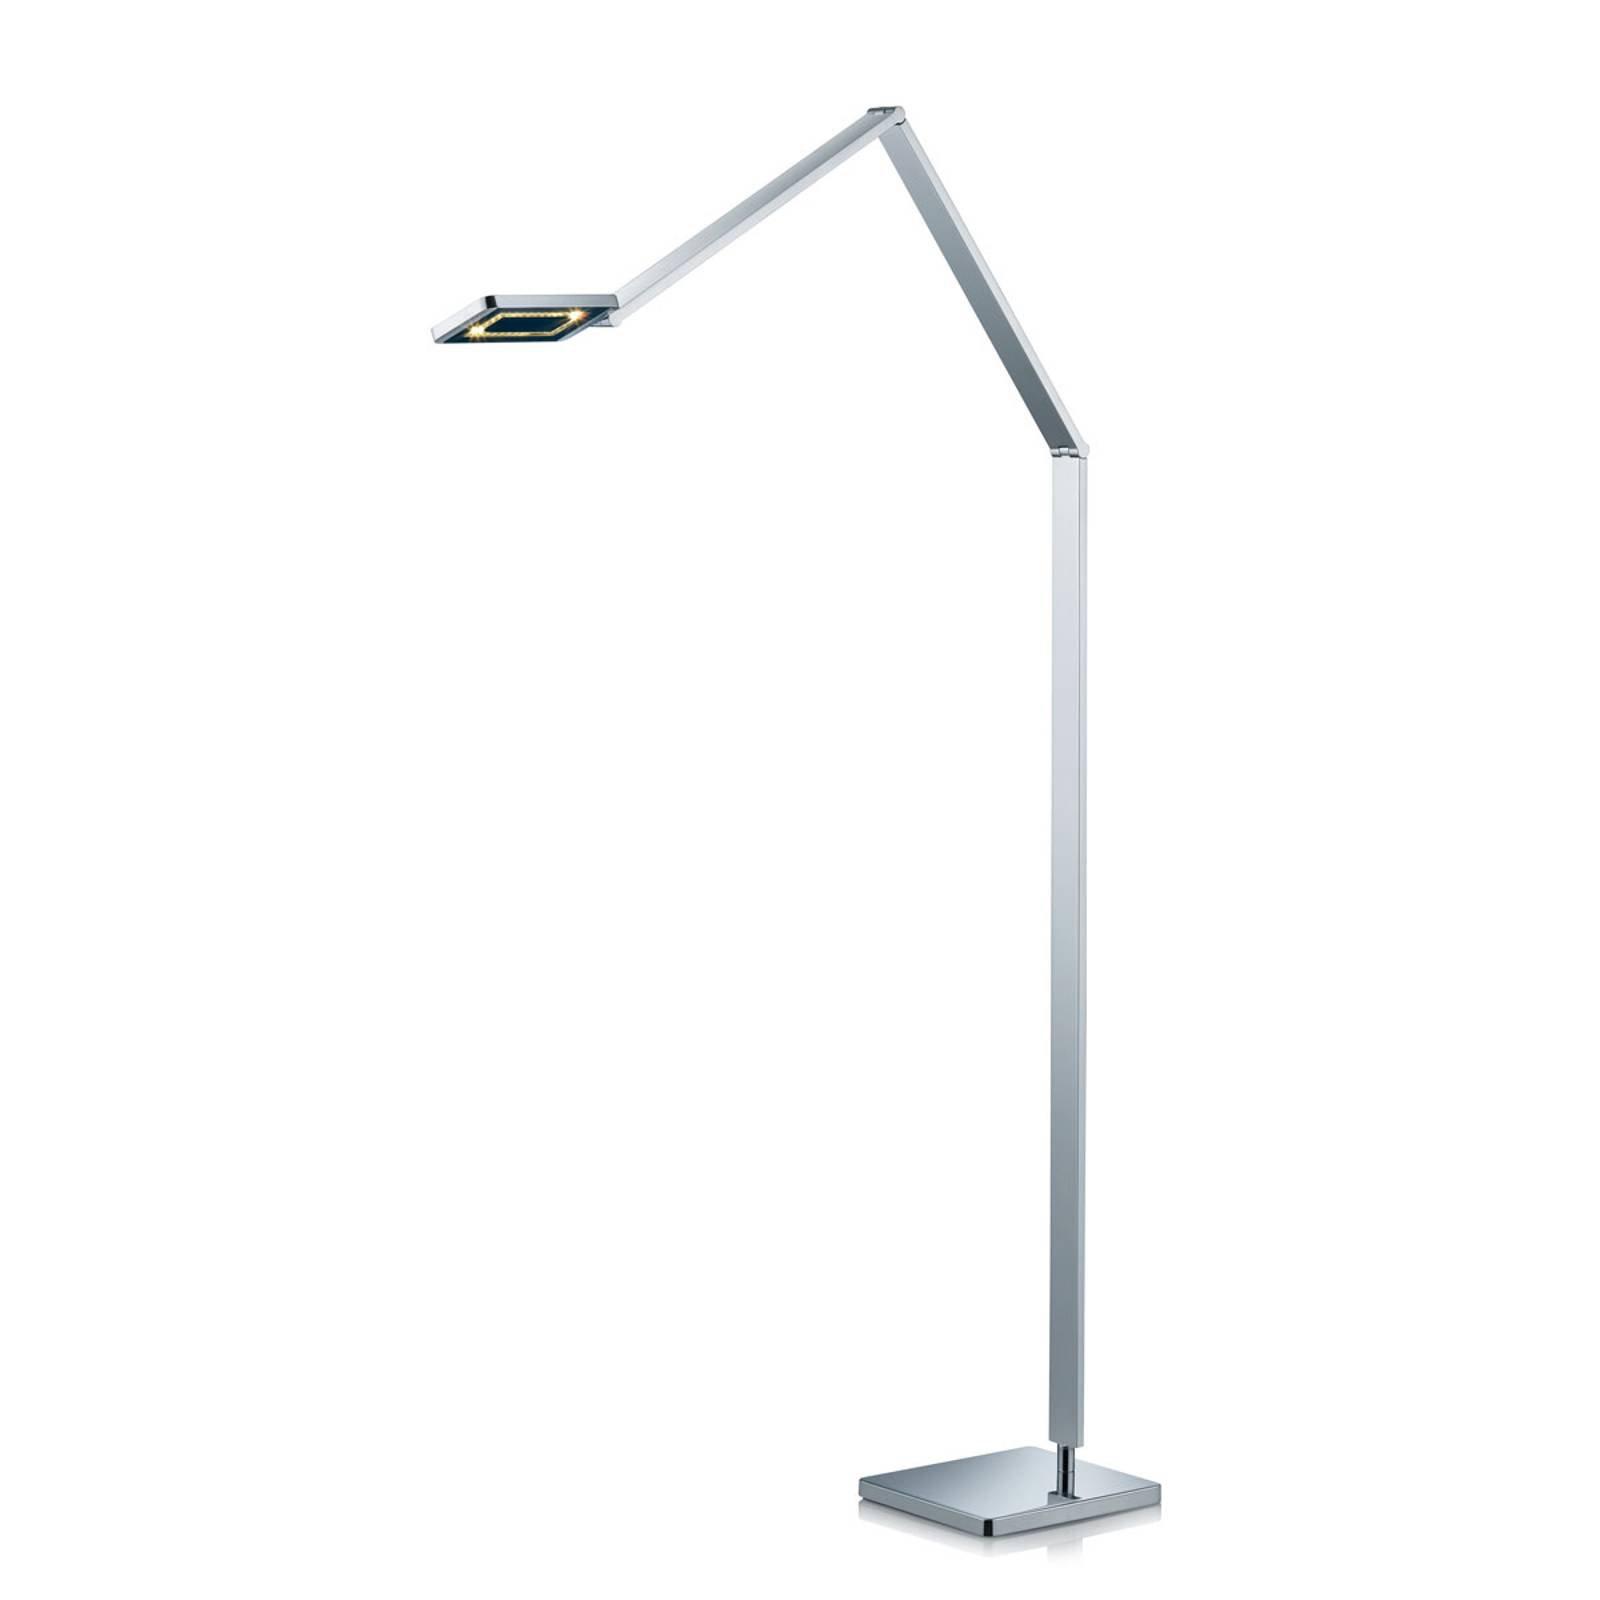 Slank LED-gulvlampe Linus i krom